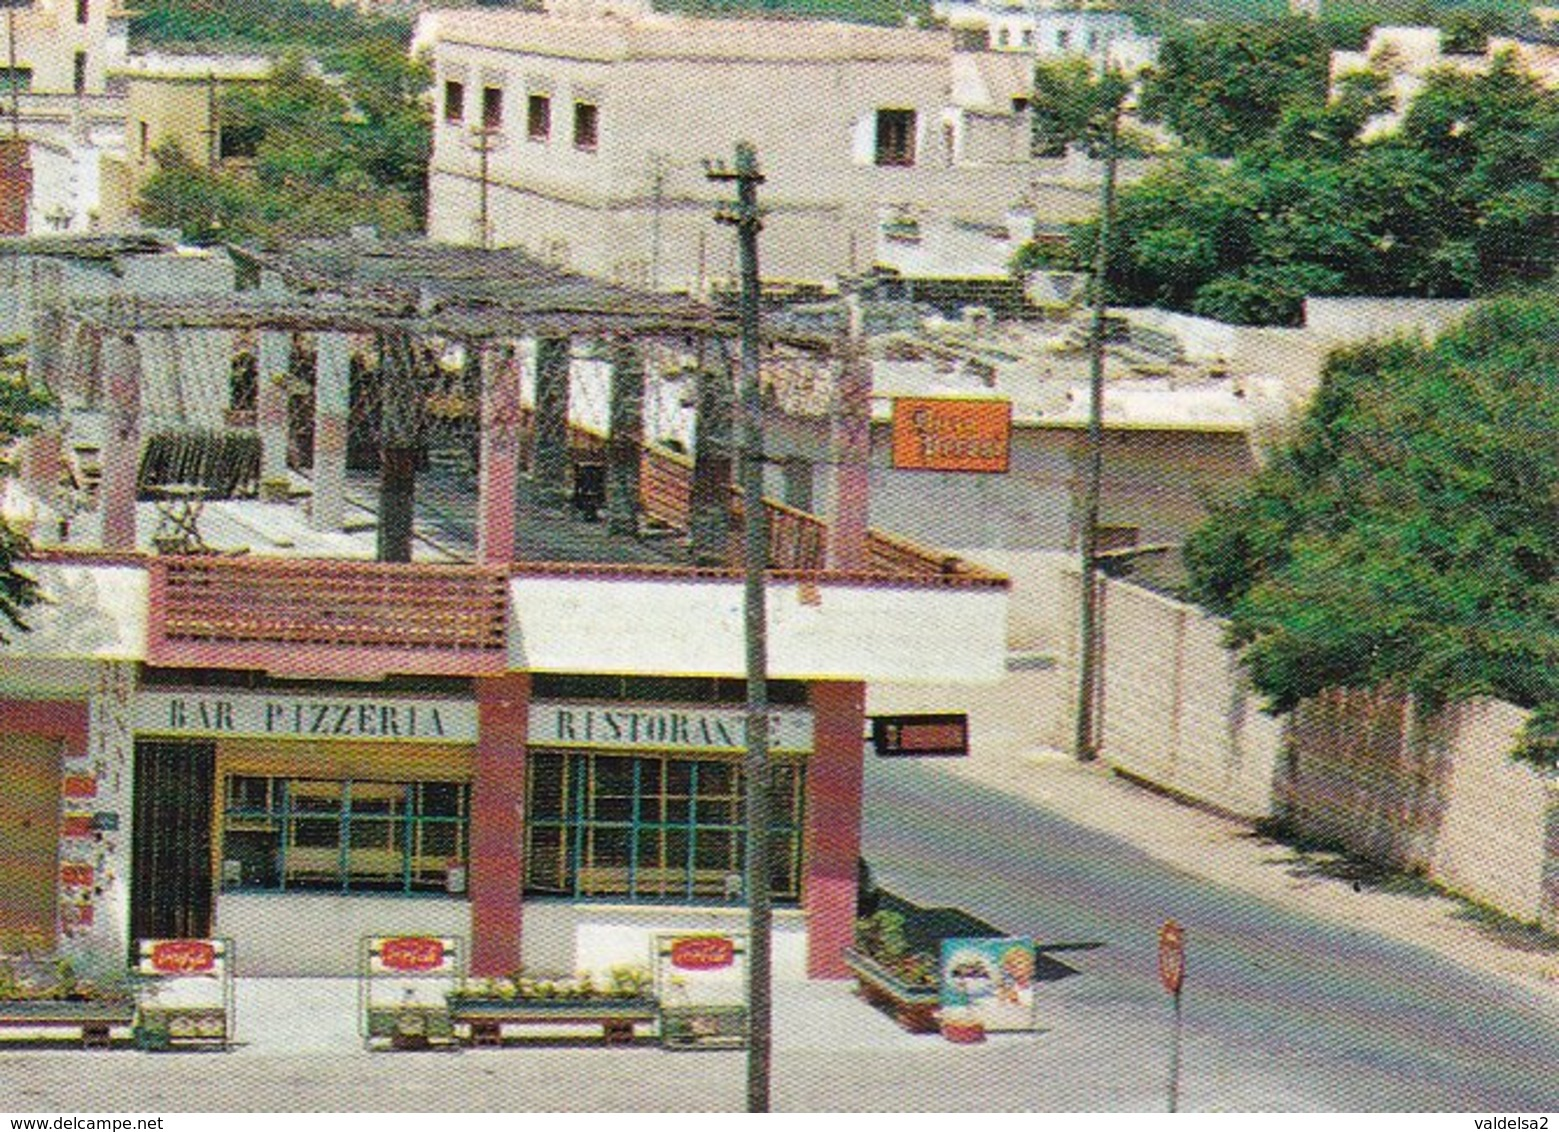 CAMPOMARINO DI MARUGGIO - TARANTO - INSEGNA PUBBLICITARIA BIRRA PERONI - BAR PIZZERIA - AUTO - 1979 - Taranto